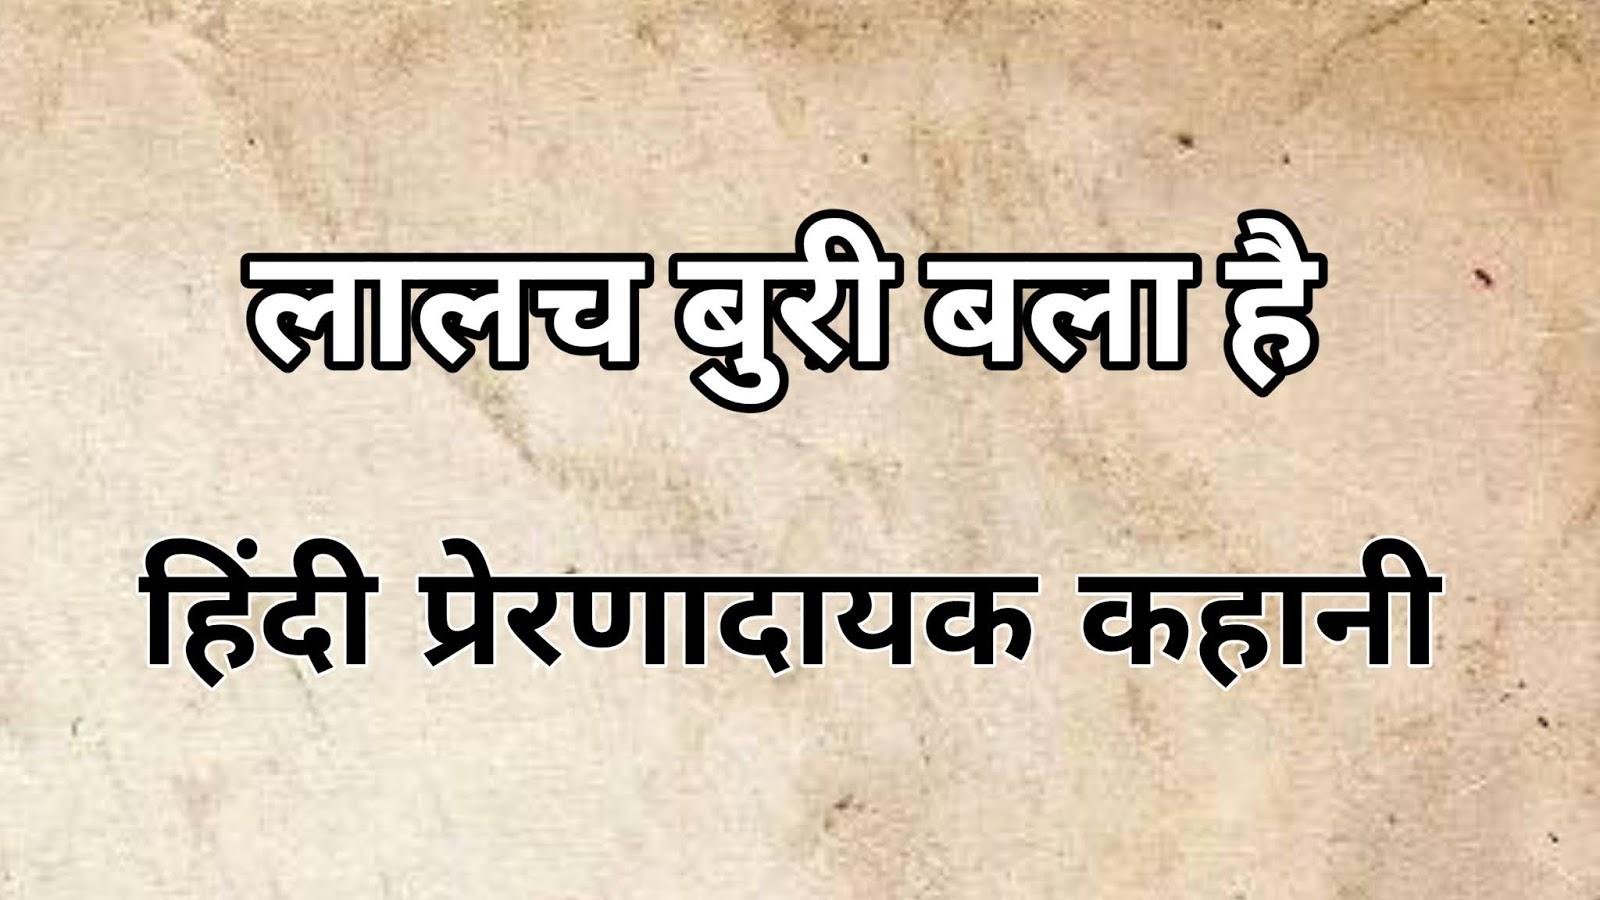 लालच बुरी बला है - हिंदी प्रेरणादायक कहानी